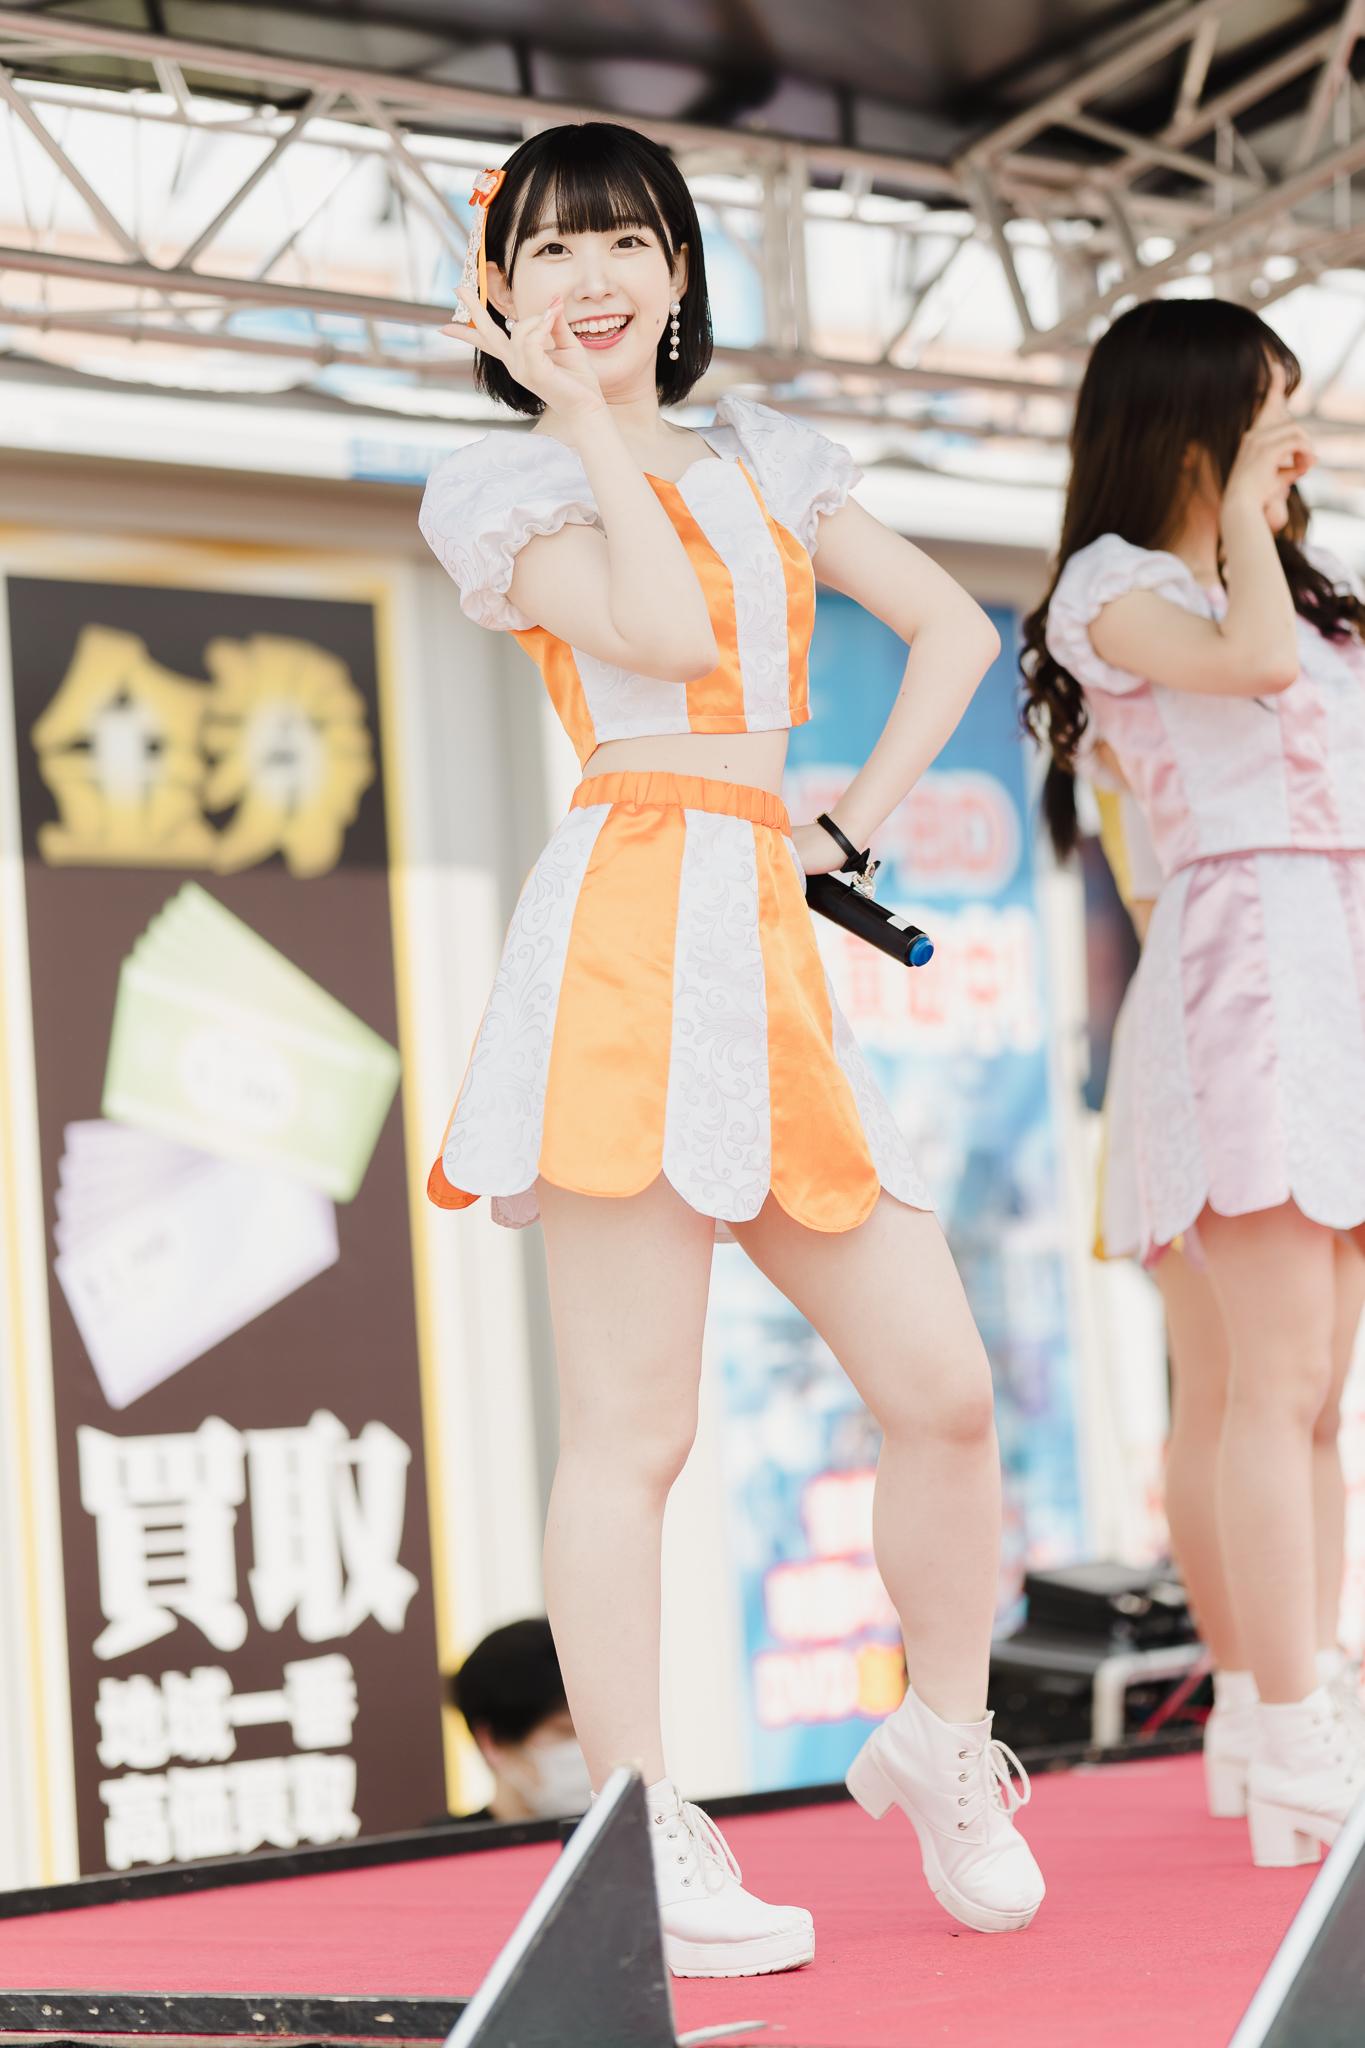 フルーティー♡ えま ( 矢上愛麻 )   お宝百貨店万代藤野店「SUMMER FESTIVAL 2021」1日目